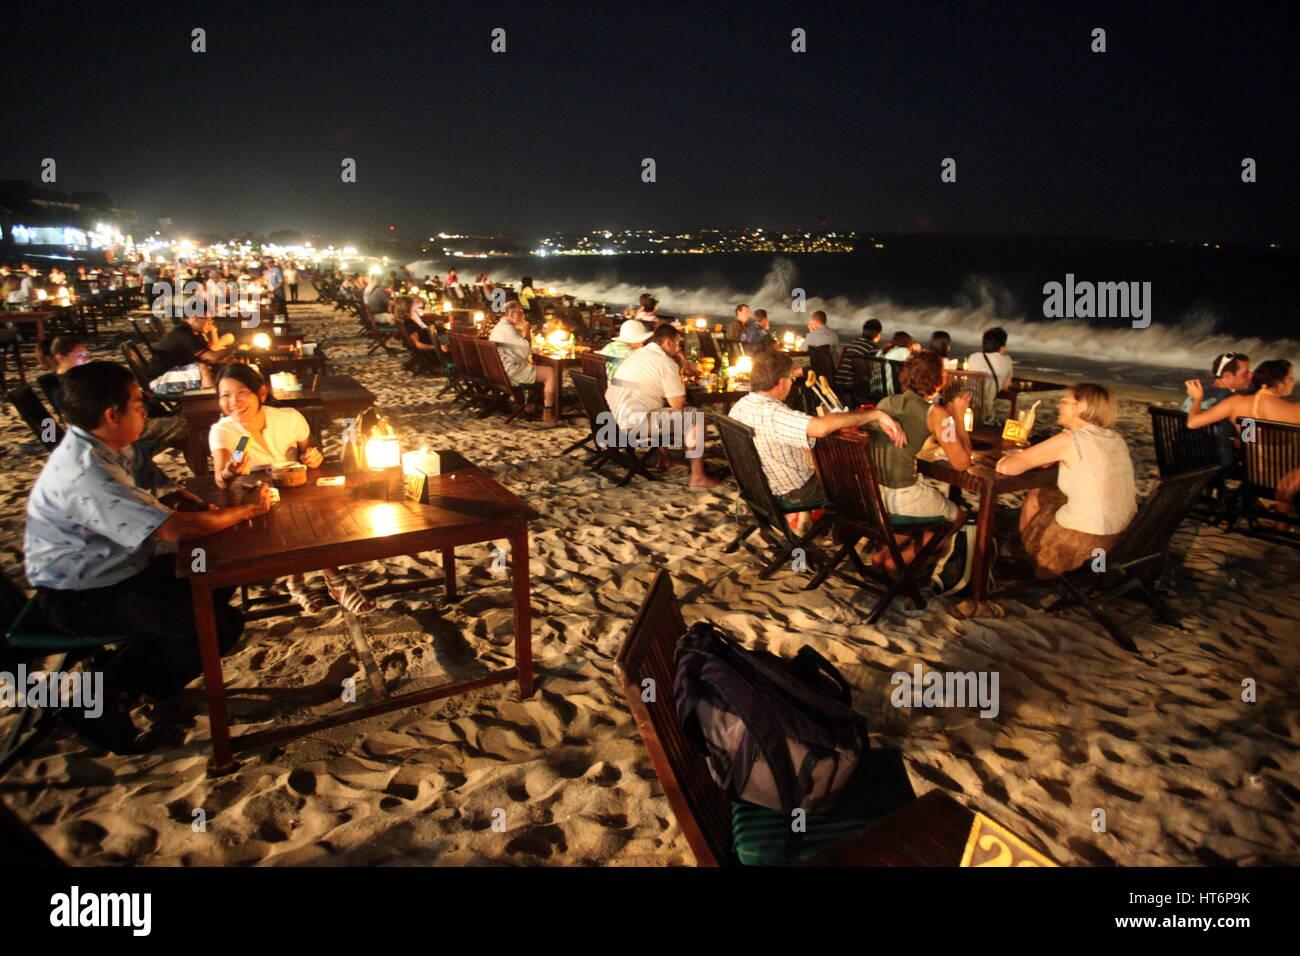 Der Strand von Jimbaran mit den Fischrestaurants am Abend im sueden von Bali auf der Insel Bali in Indonesien.. - Stock Image